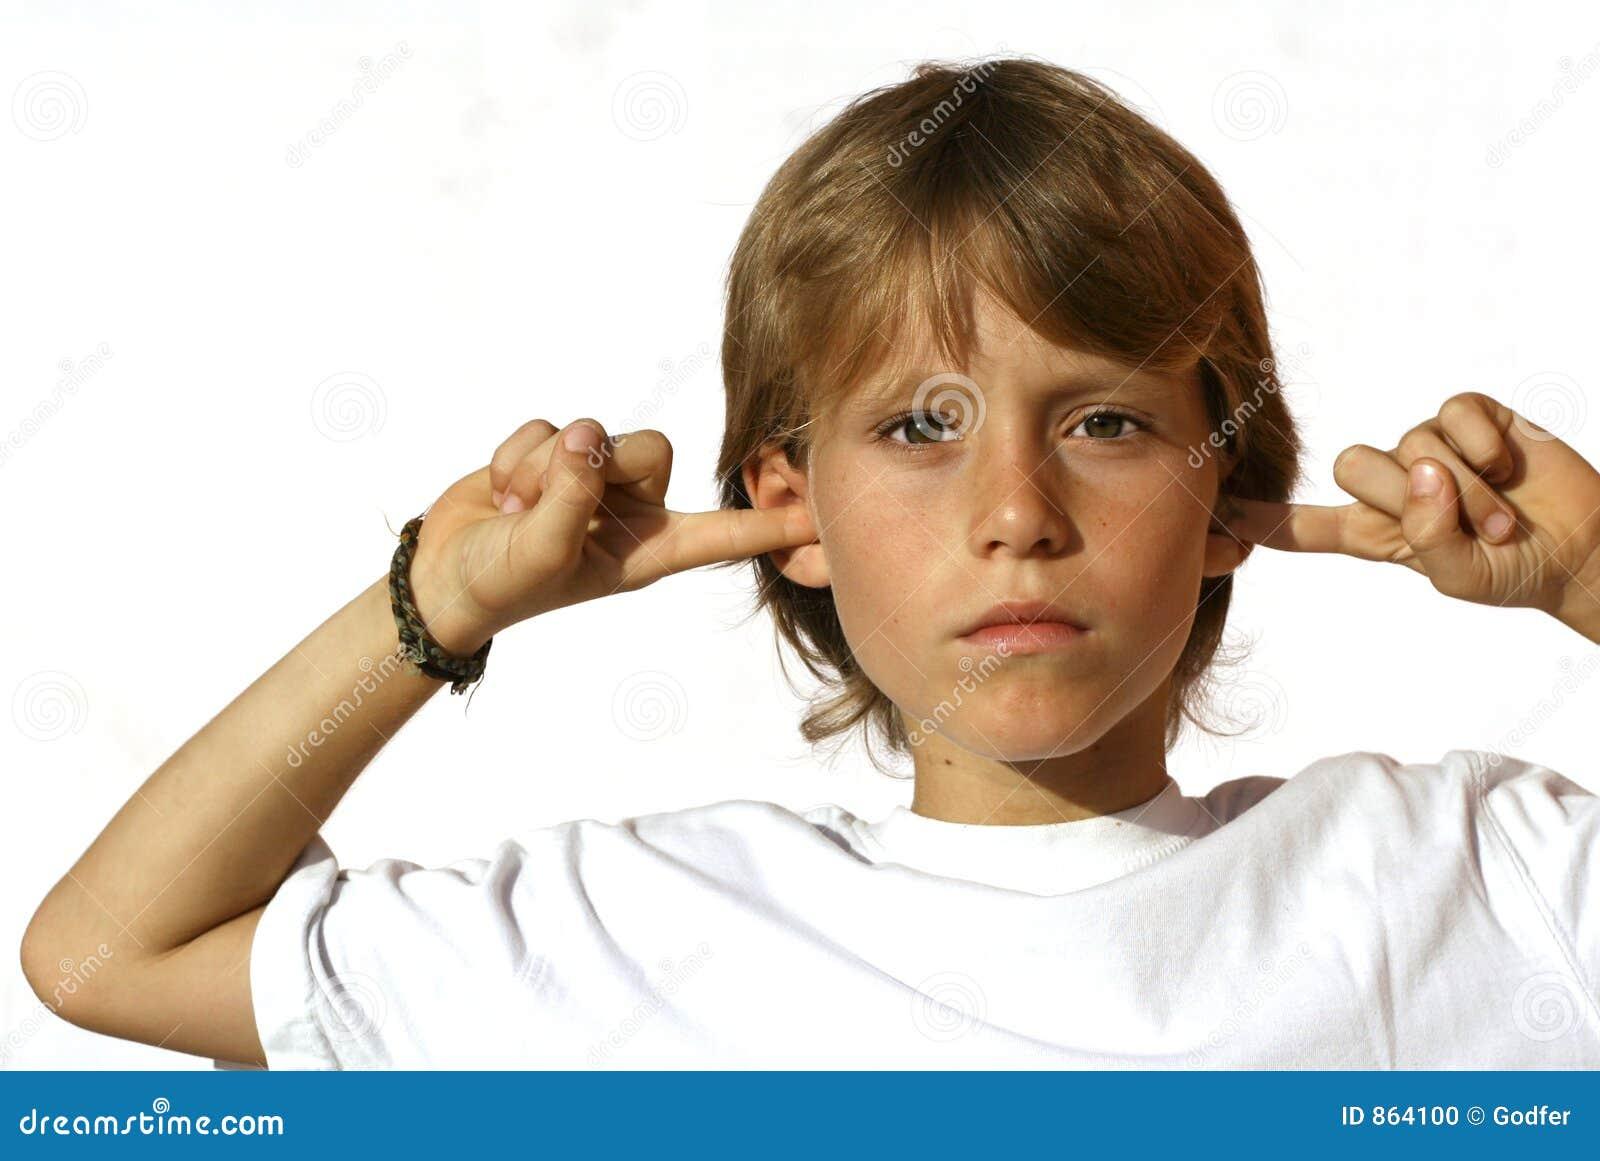 defiant child fingers in ear